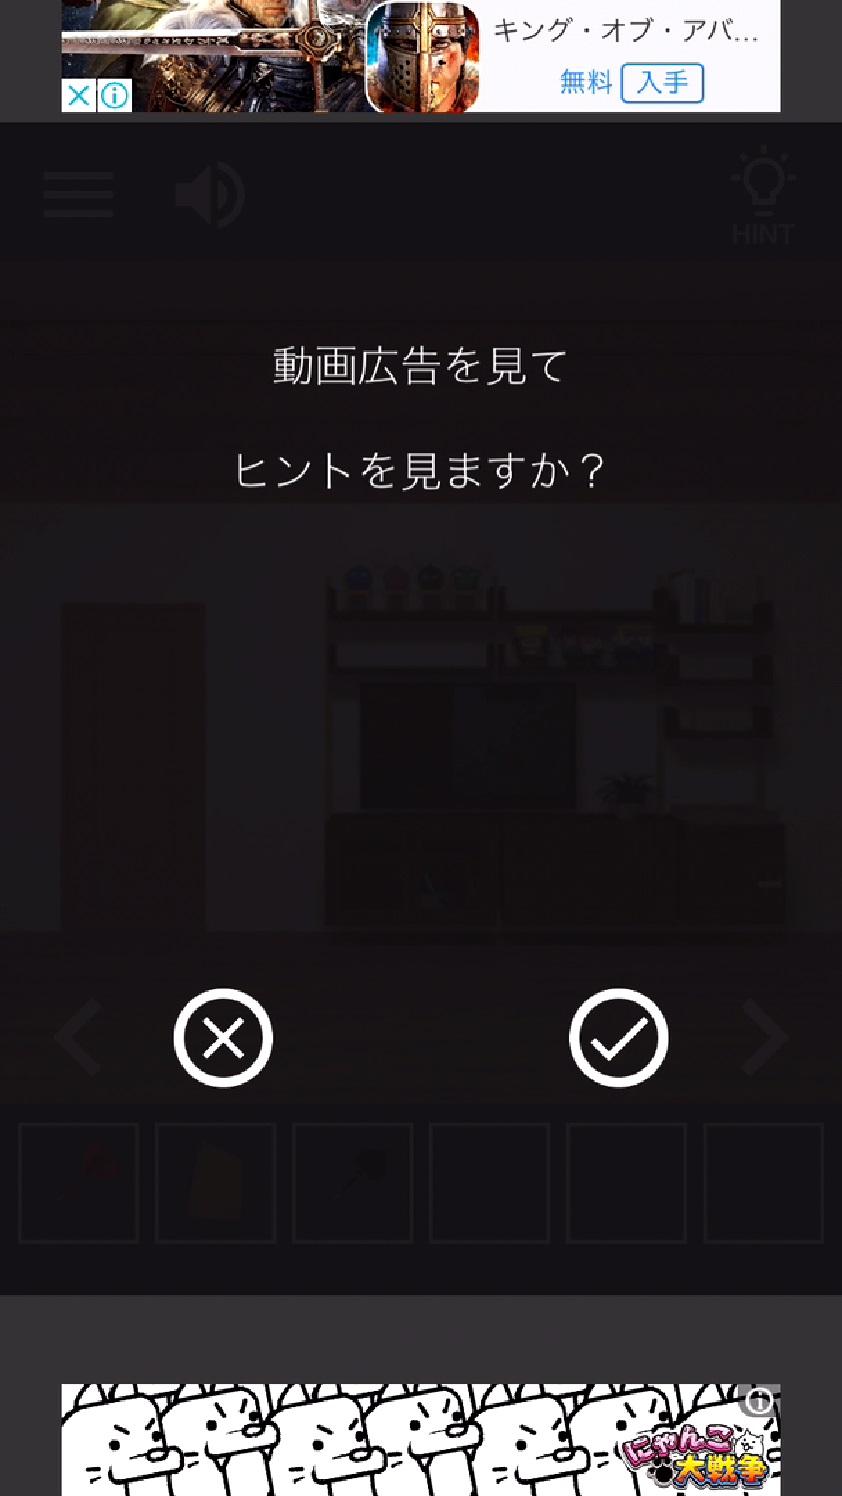 androidアプリ 脱出ゲーム ~コーヒー香る隠れ家からの脱出~攻略スクリーンショット4